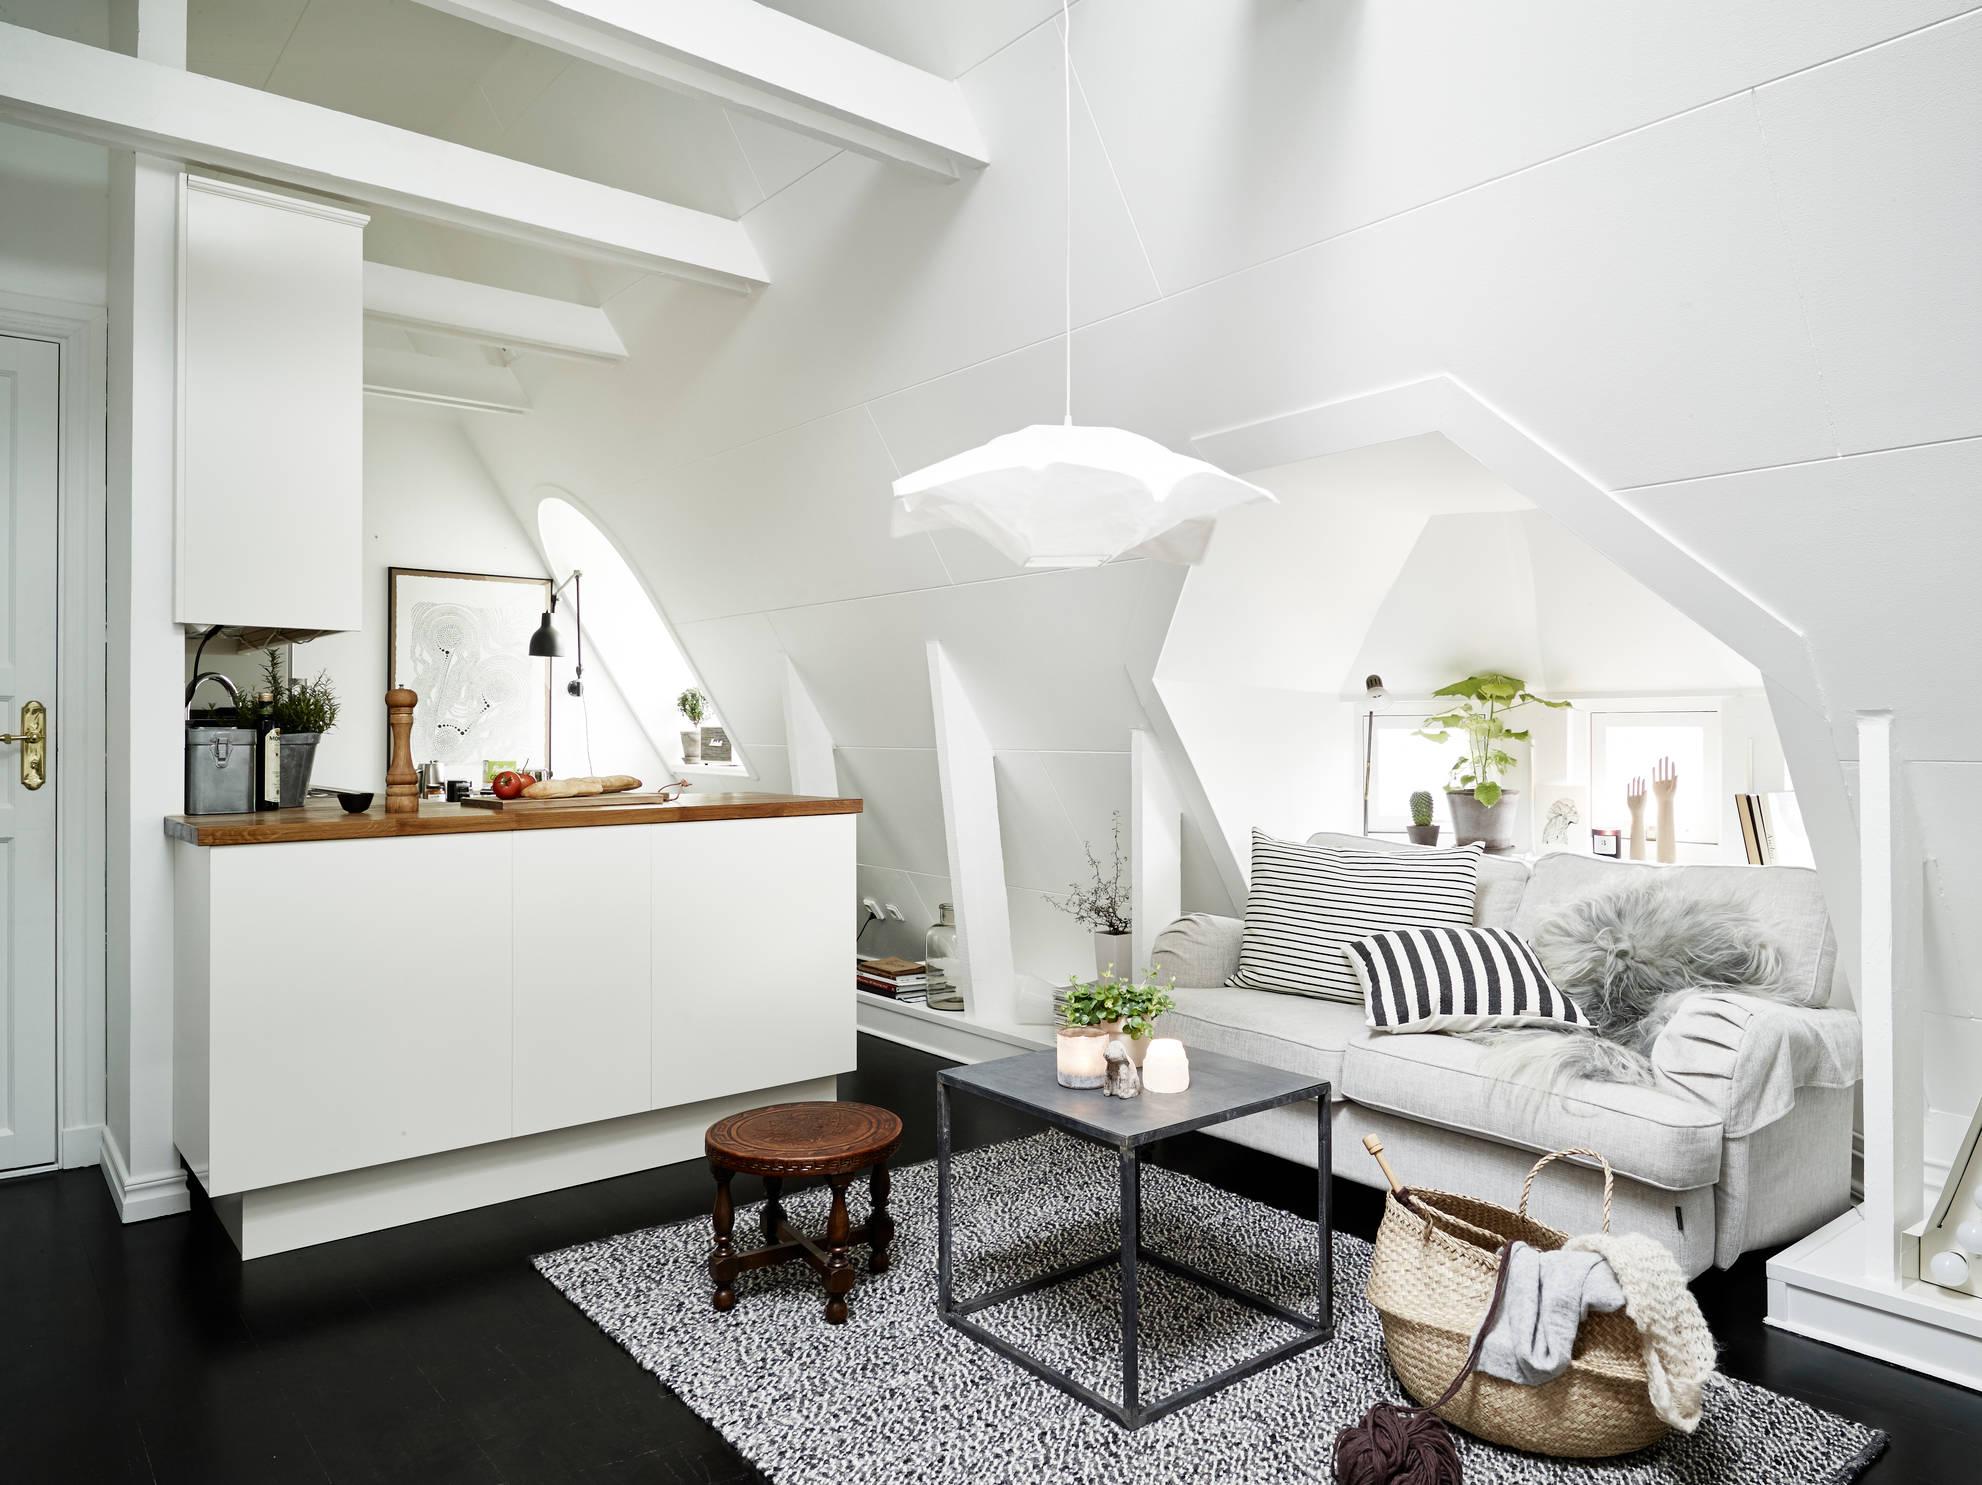 интерьер малогабаритной квартиры своими руками